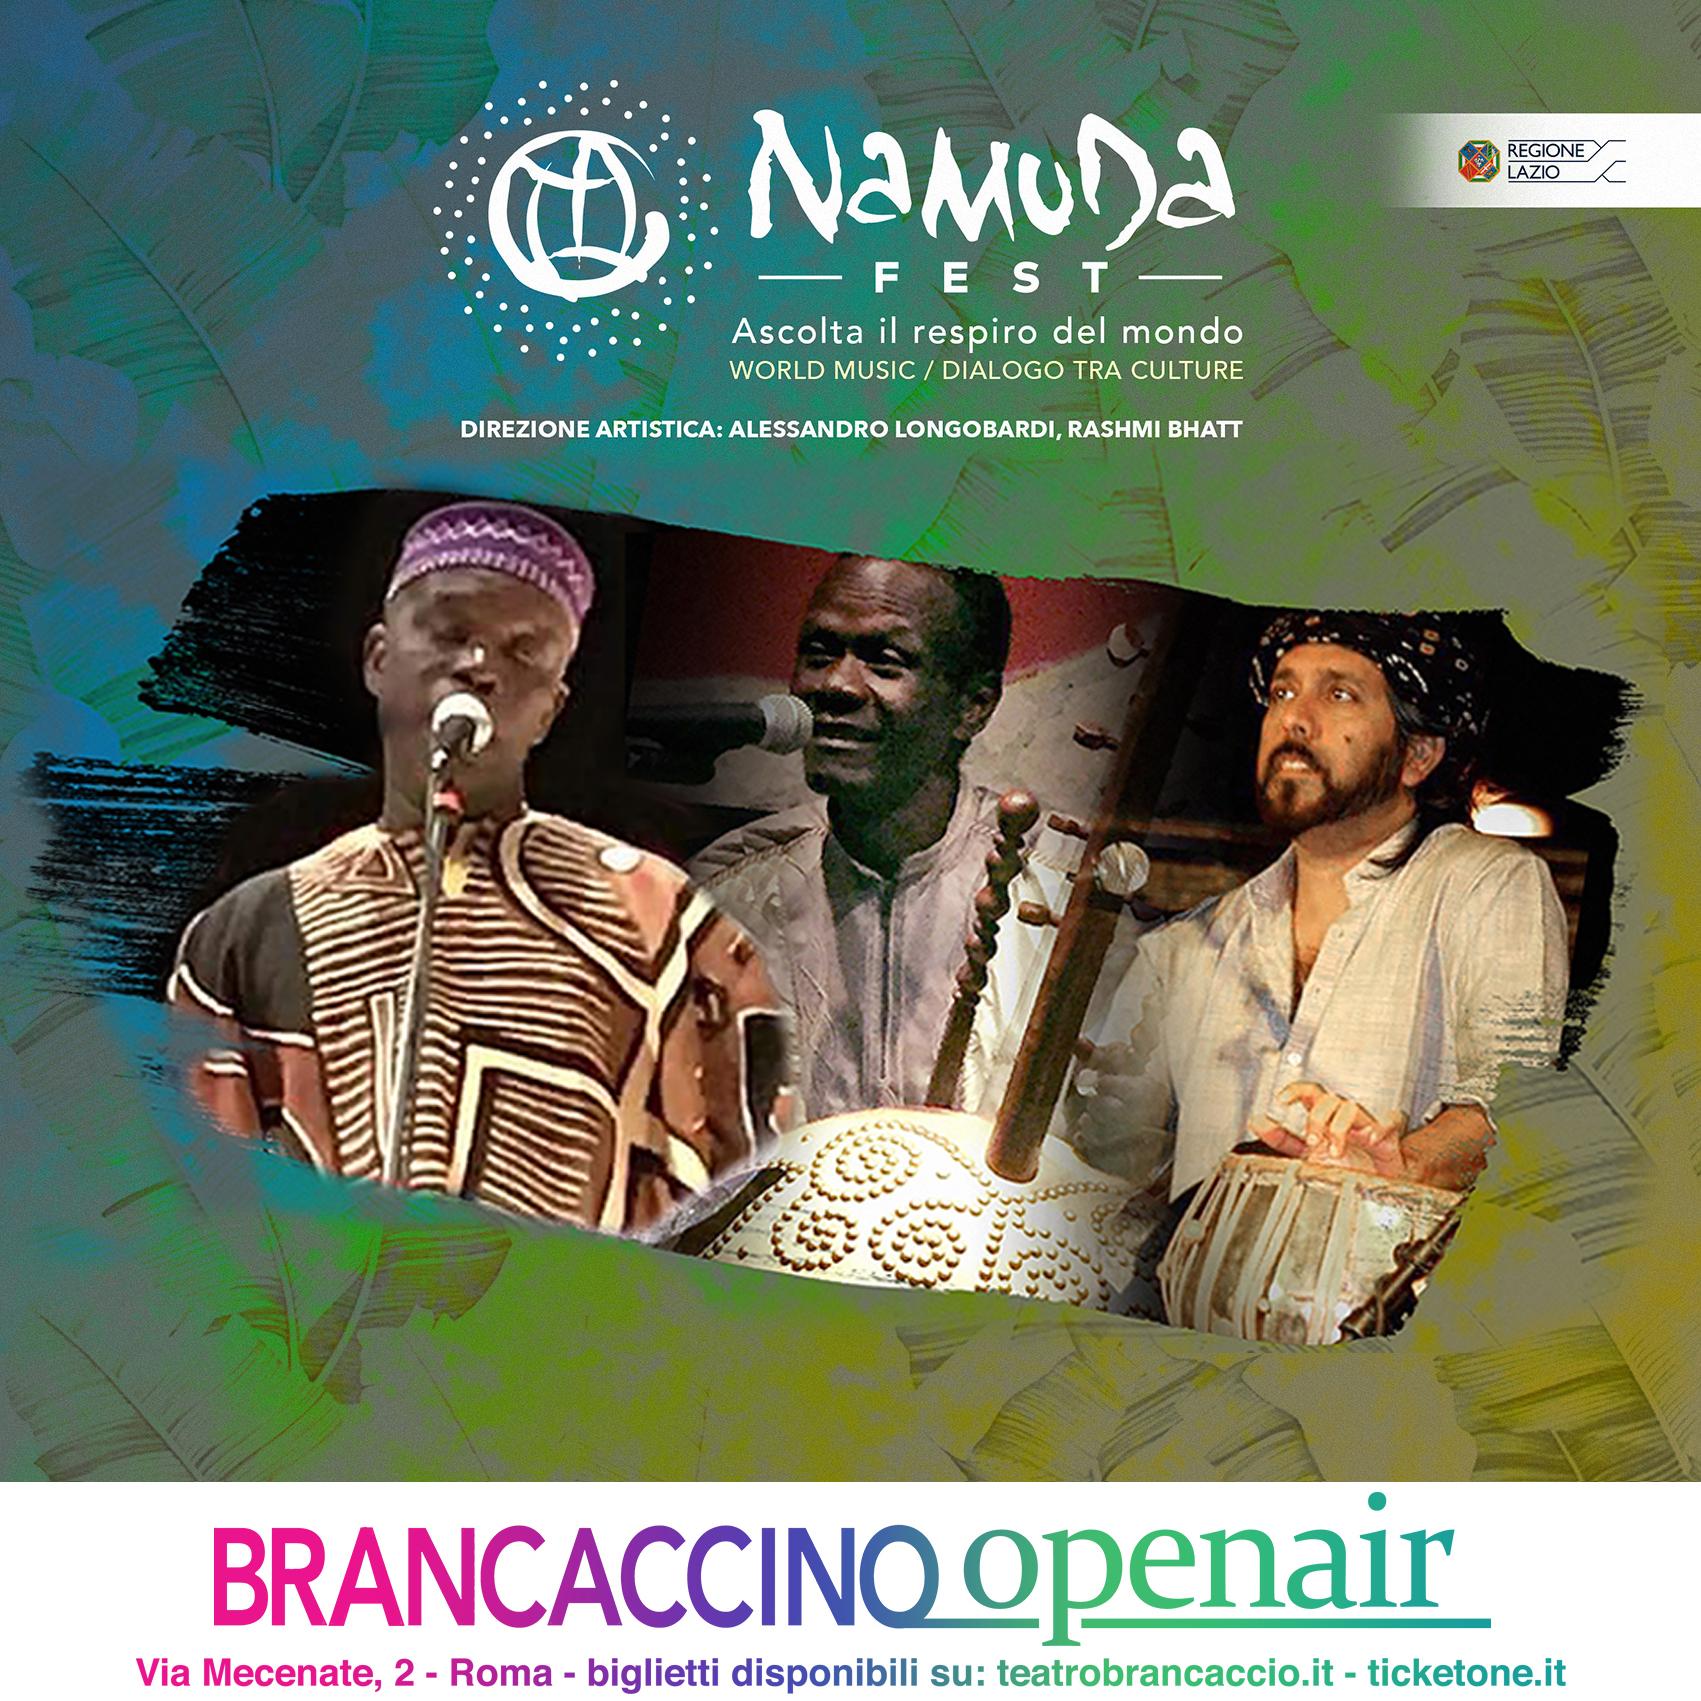 NAMUDA FEST - IL SUONO DELLA MEMORIA